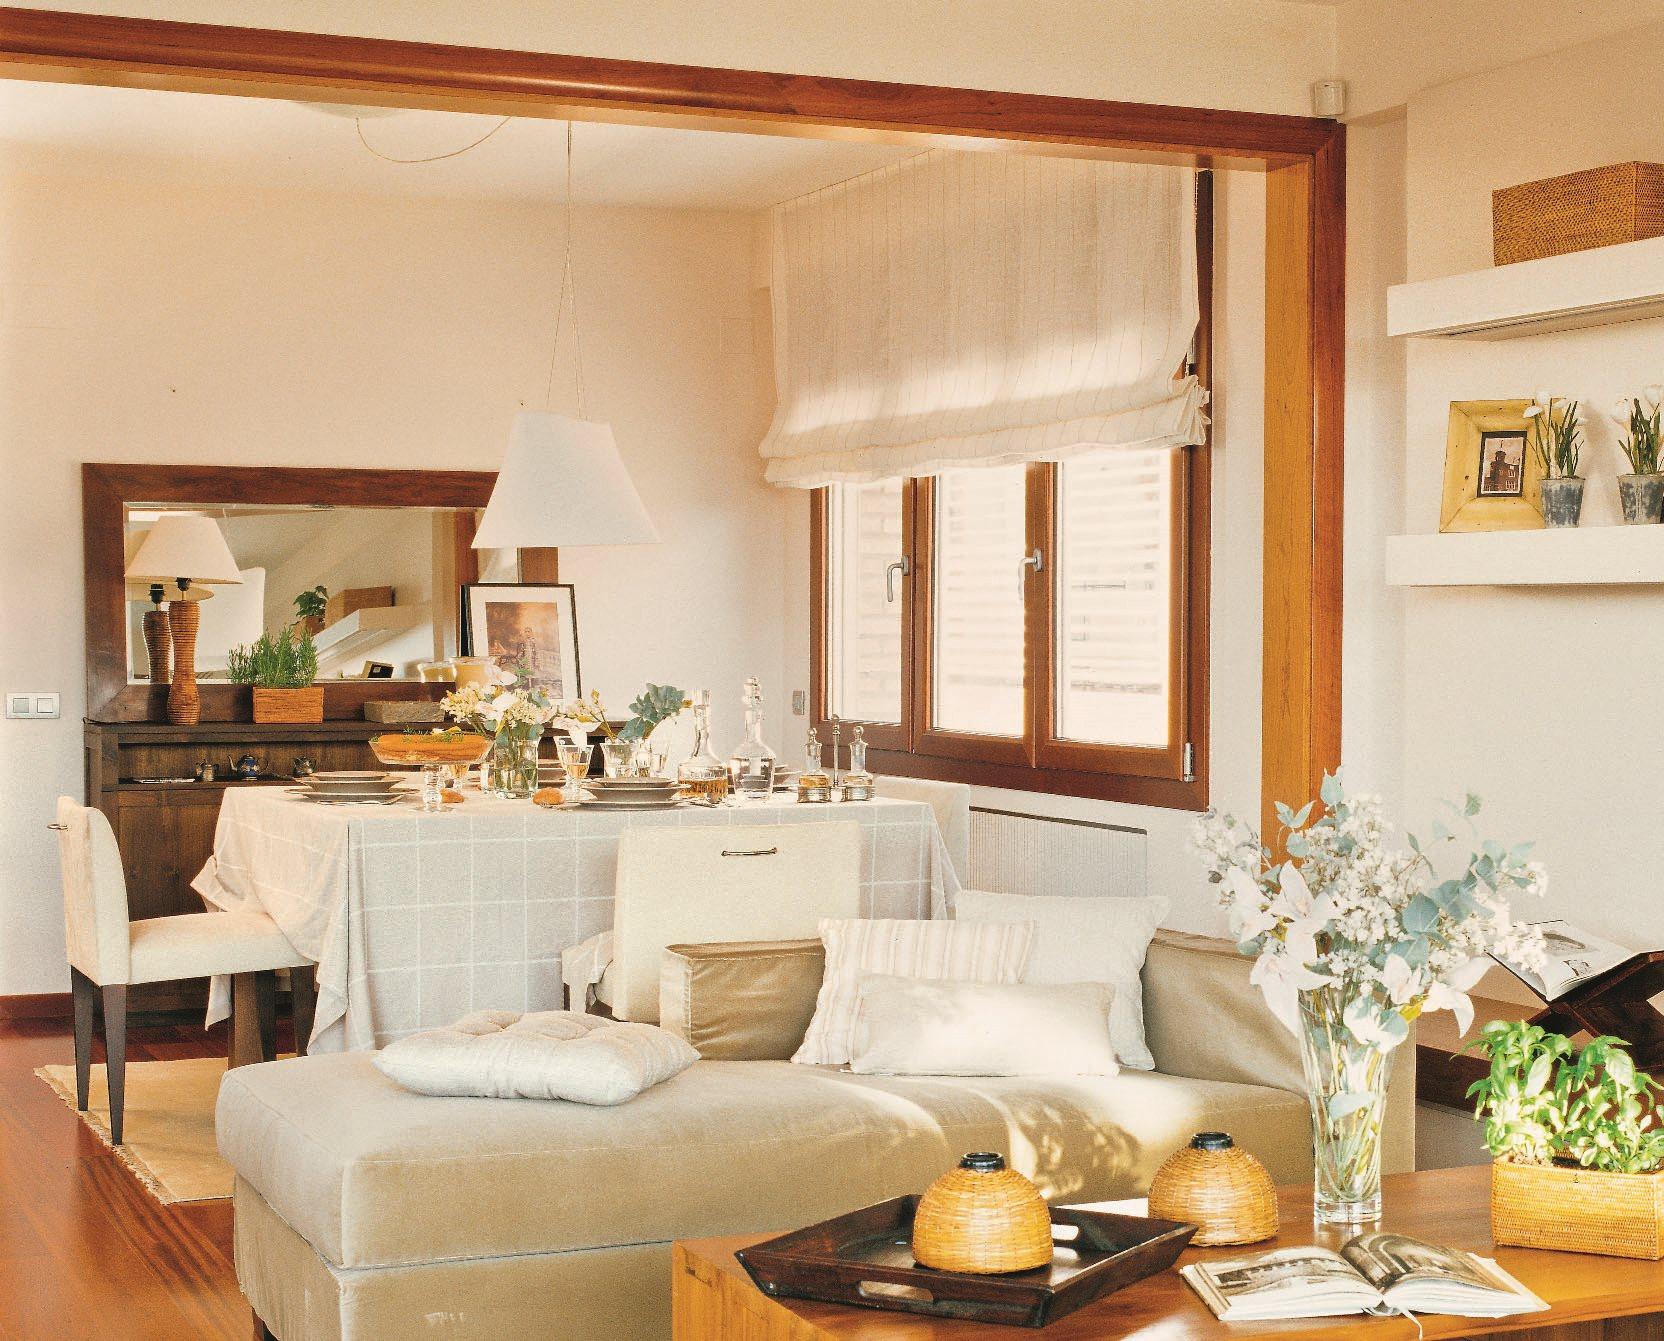 Tu piso es mini ideas para ampliarlo - Decorar marcos de madera ...